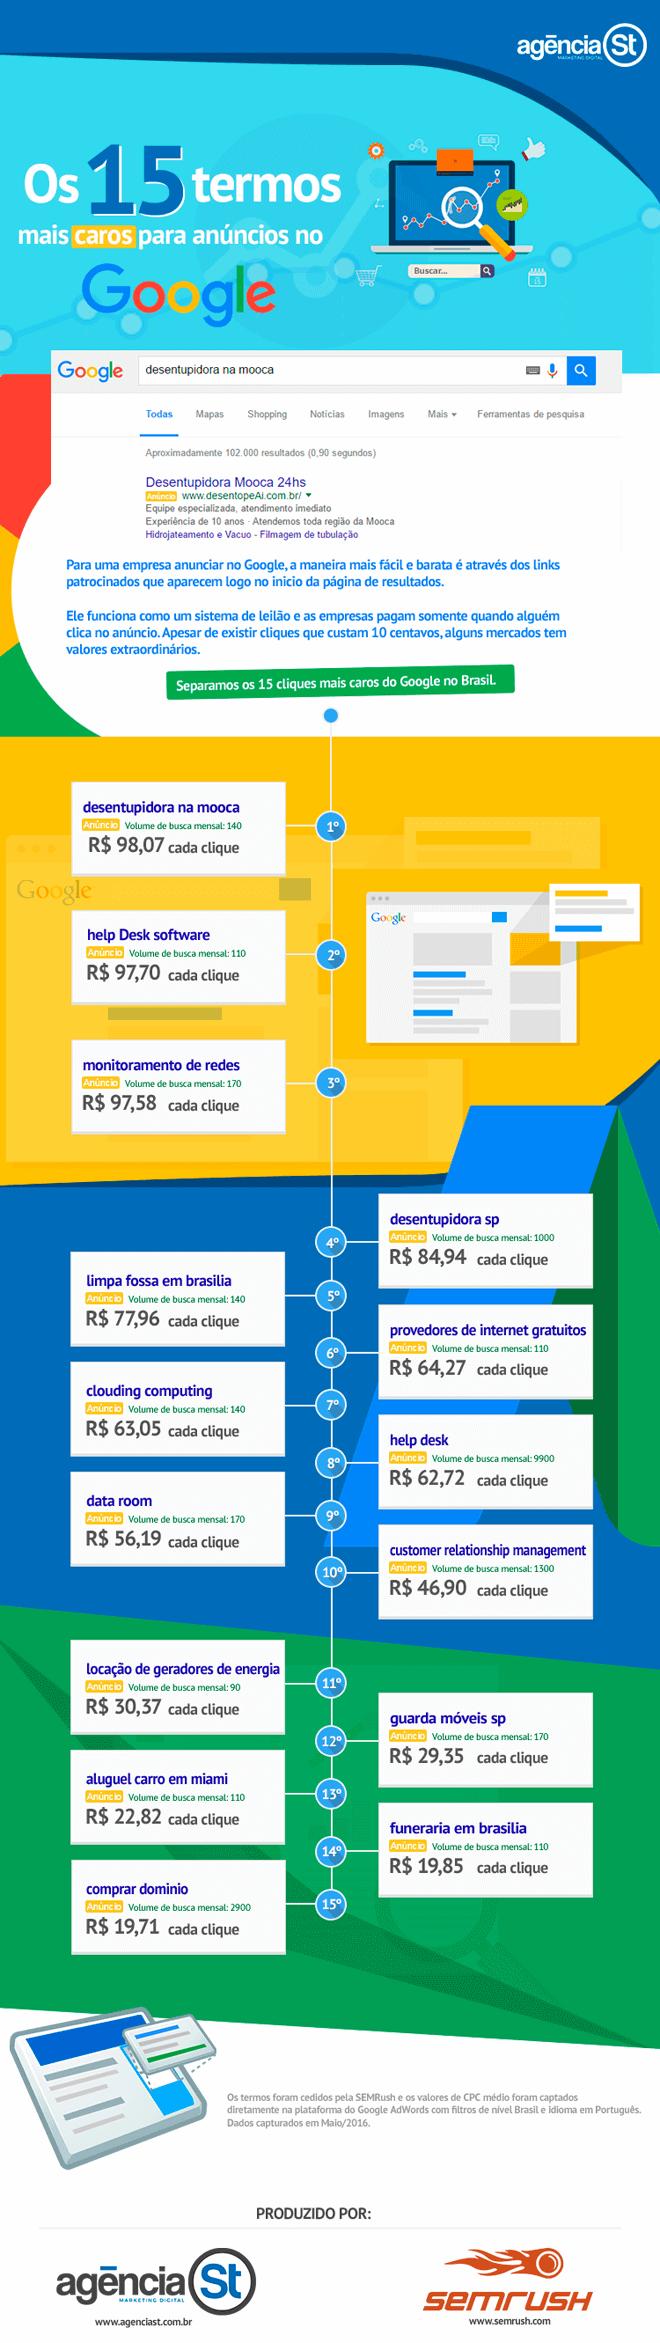 infografico-google-adwords-palavras-mais-caras(1)